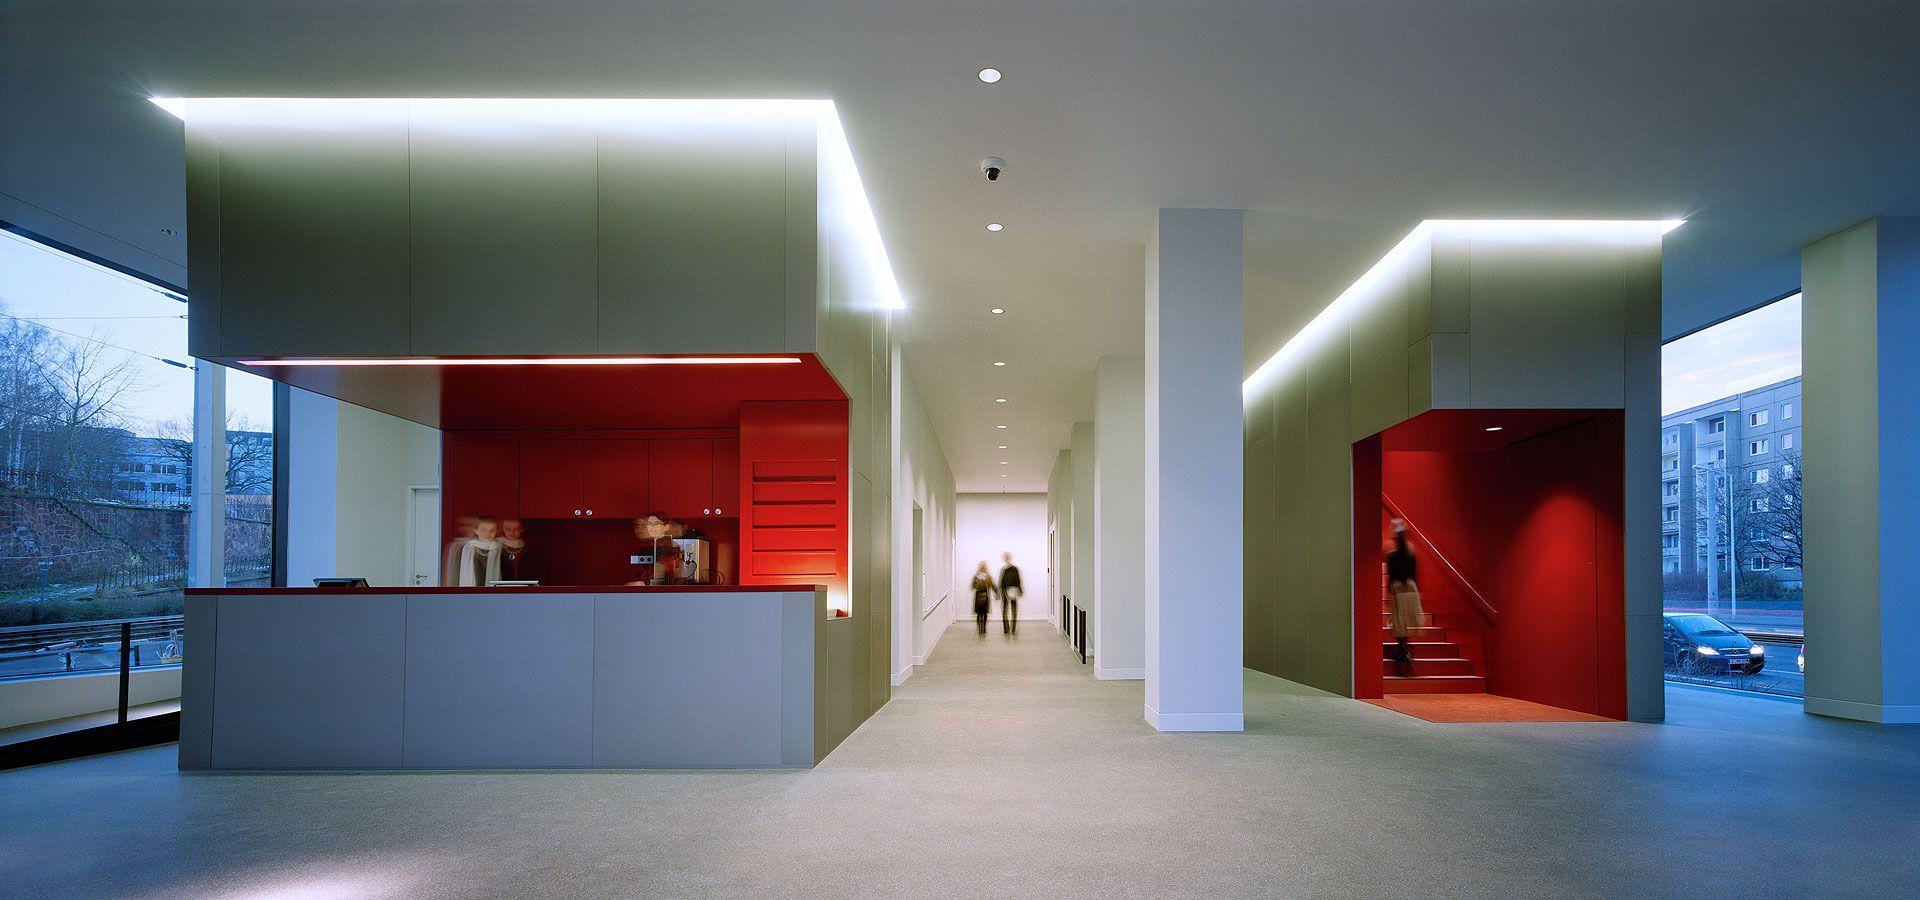 Museum Gunzenhausen, Chemnitz - arch. LICHT KUNST LICHT AG